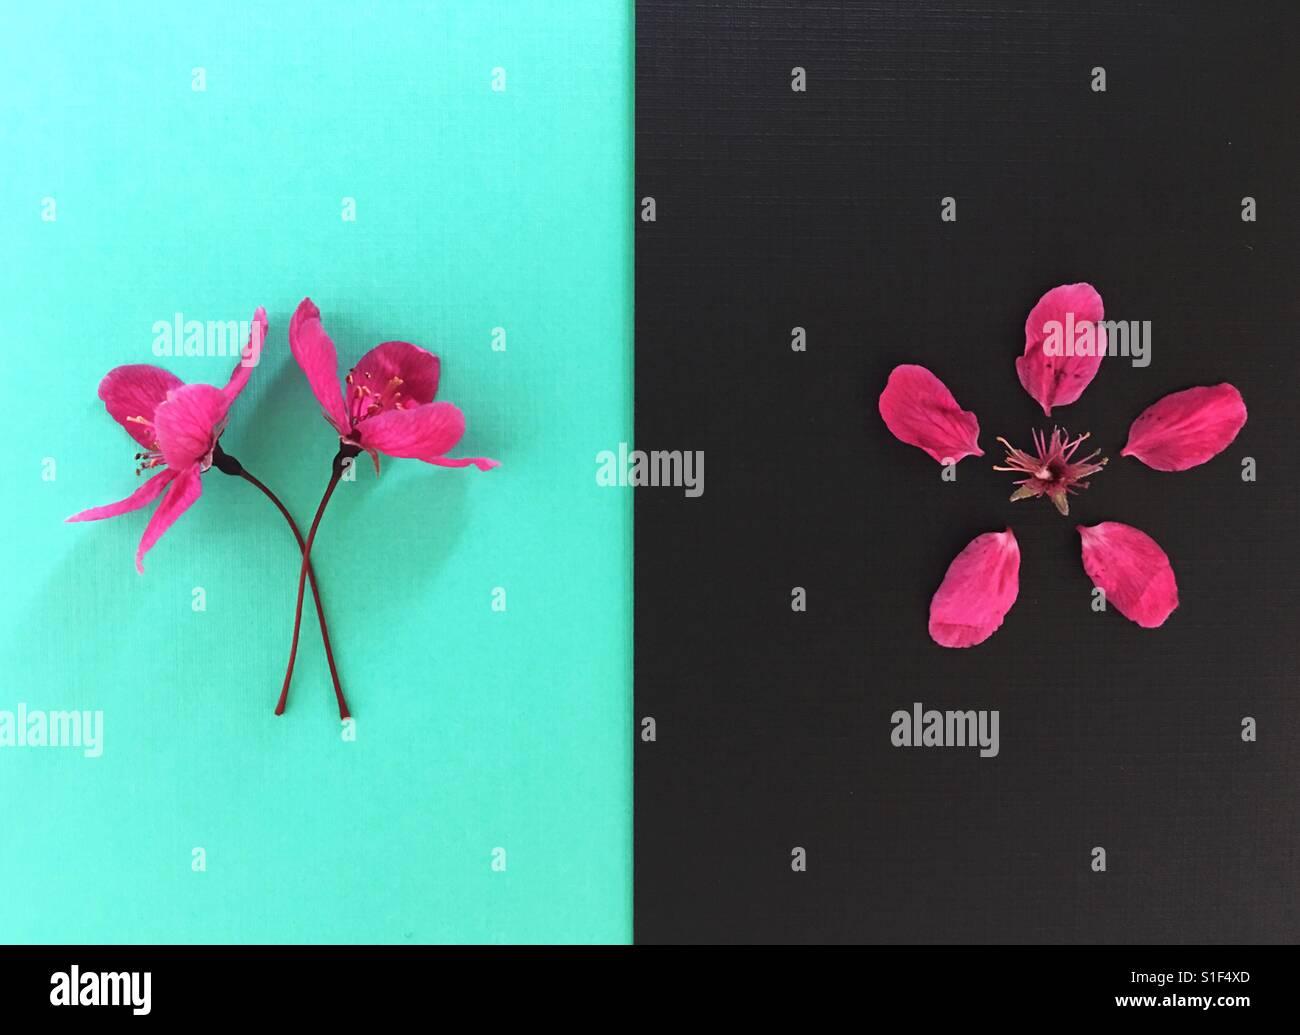 Una coppia di crabapple fiorisce e uno decostruito blossom. Immagini Stock